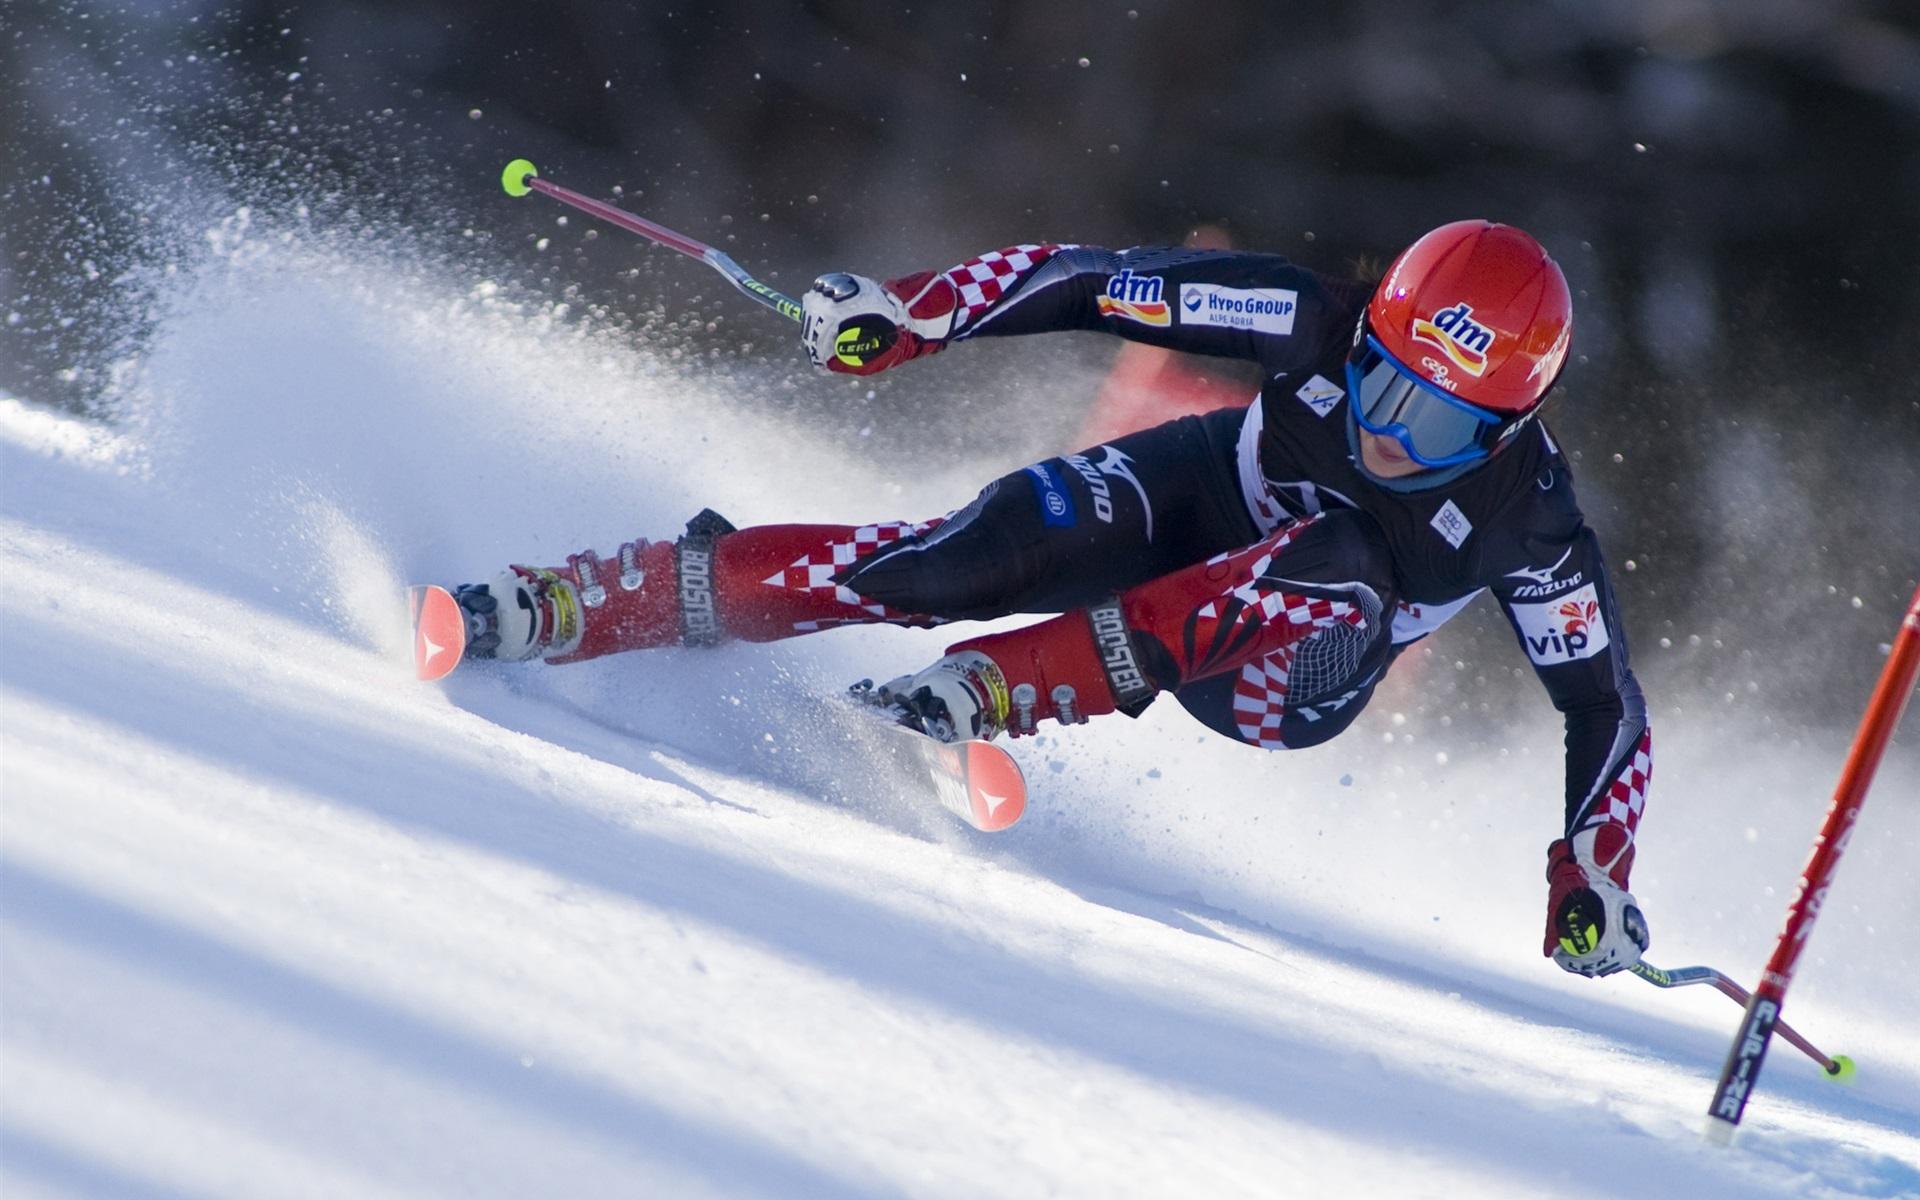 лыжи как вид спорта картинки голубая